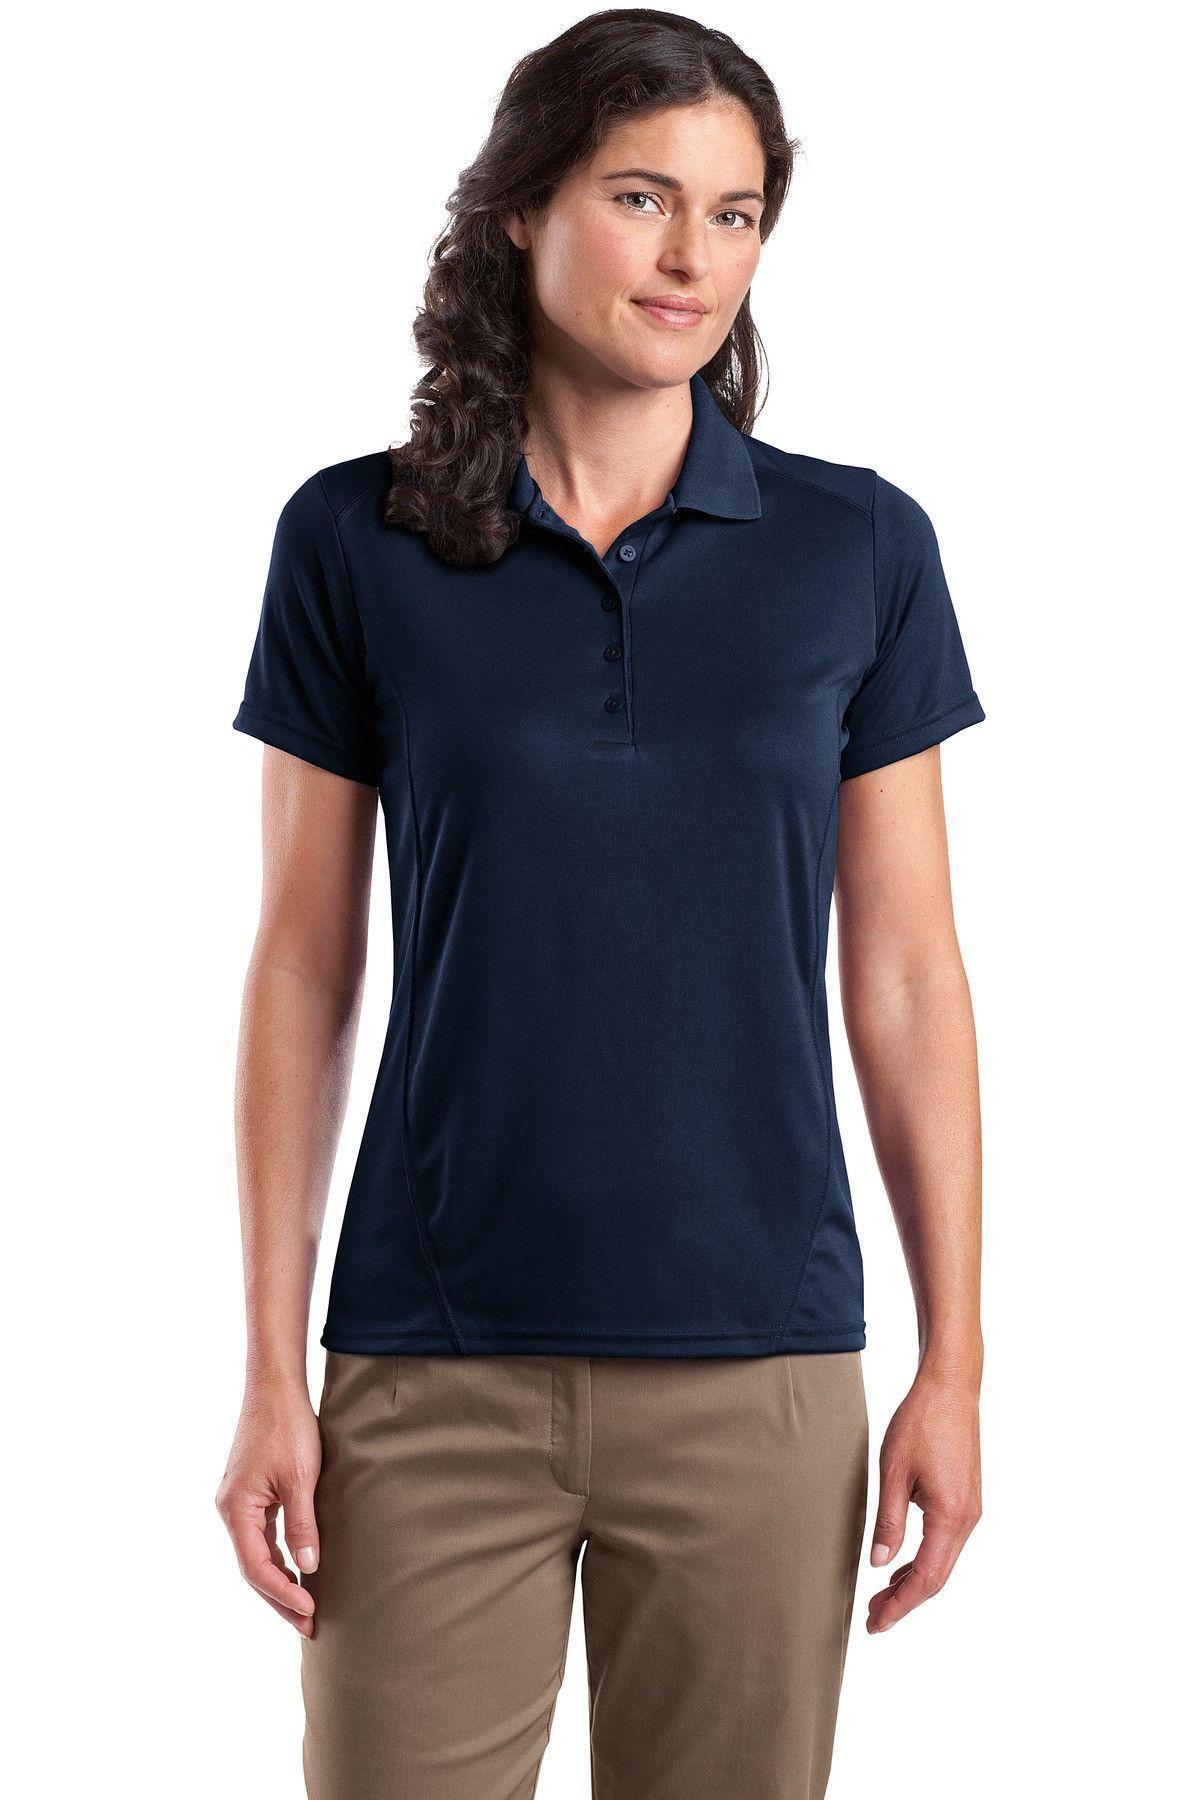 Ladies Polo Shirts Online 3b1806a115bf